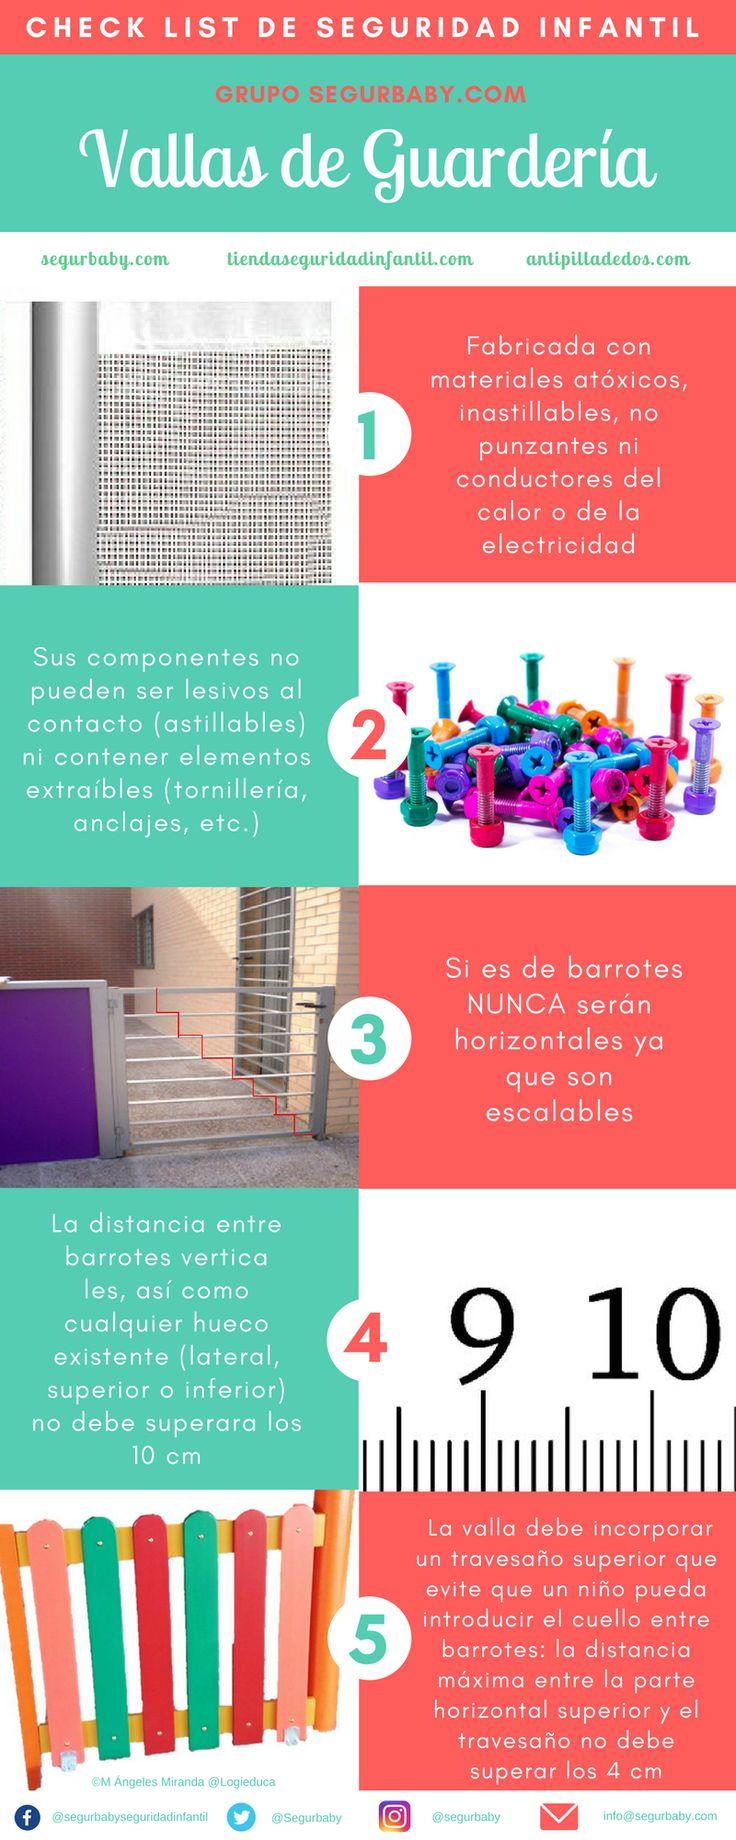 Check+list+de+seguridad+infantil:+Vallas+de+guardería